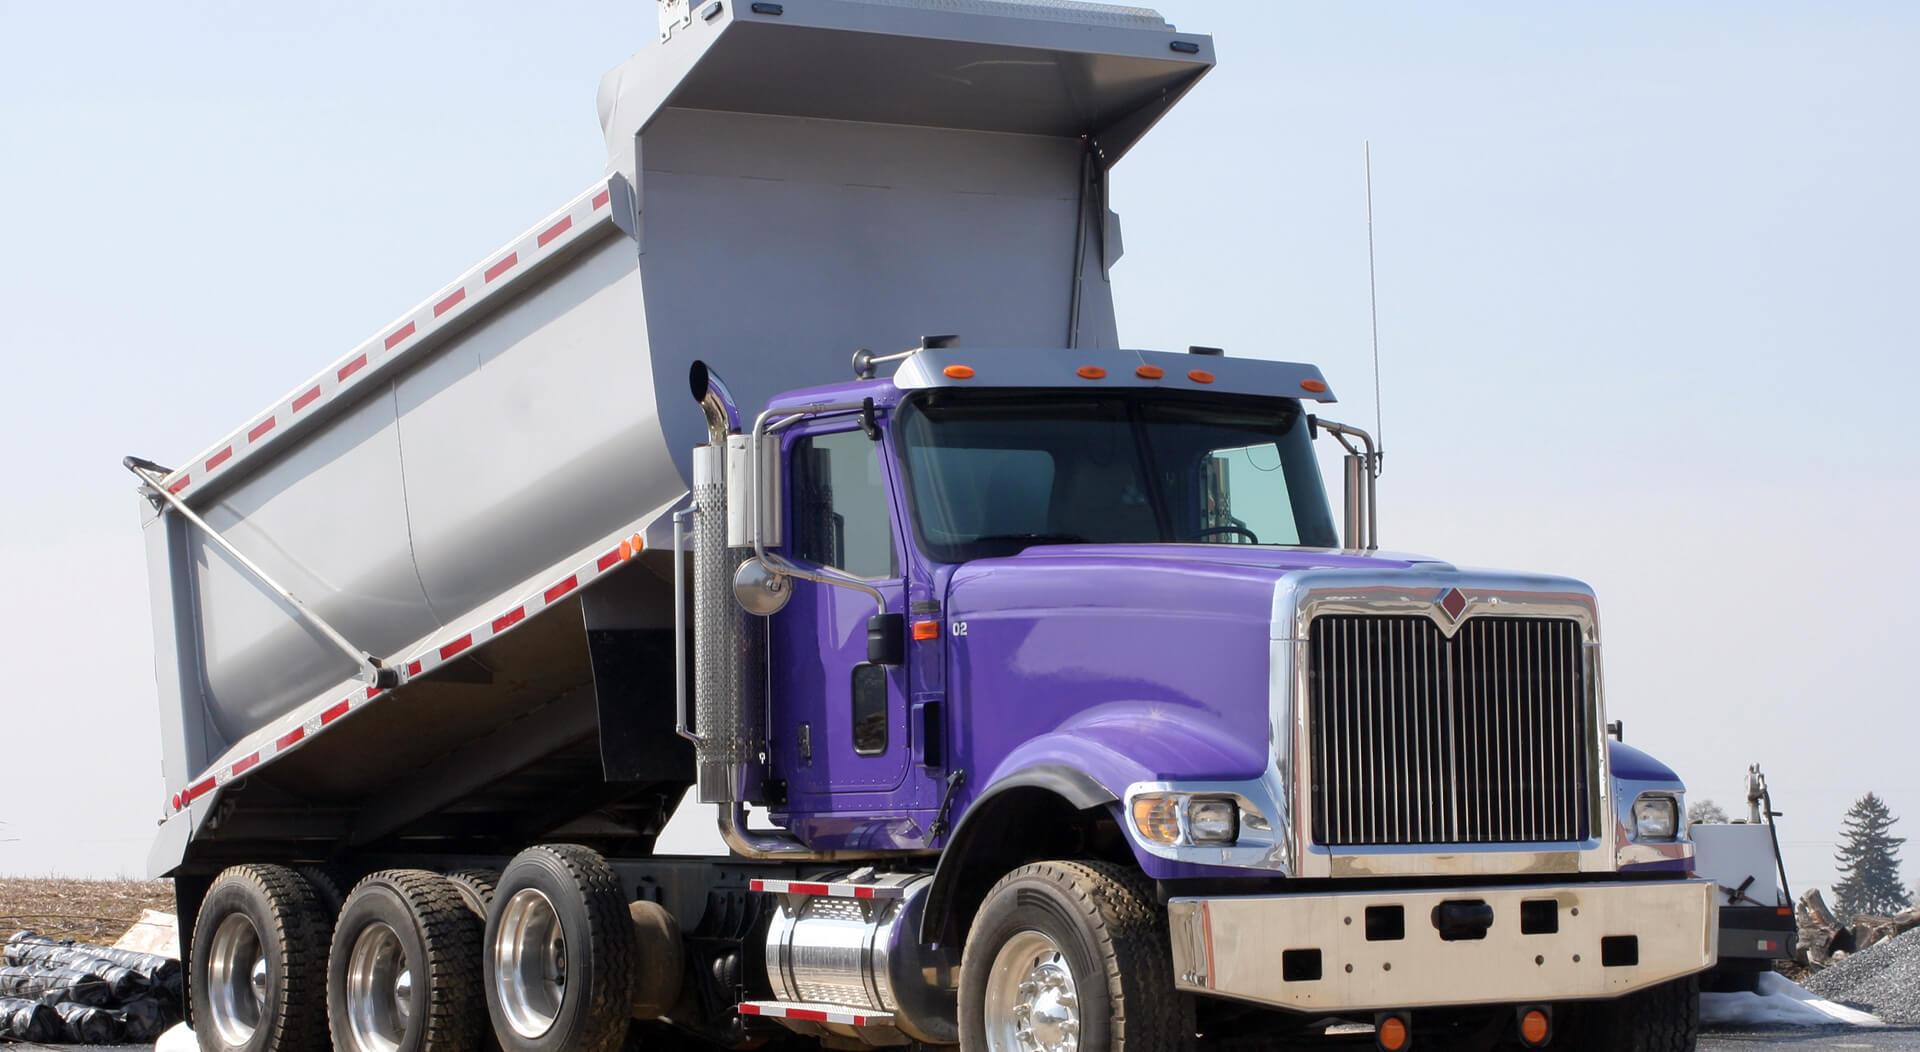 purple dump truck at a construction site